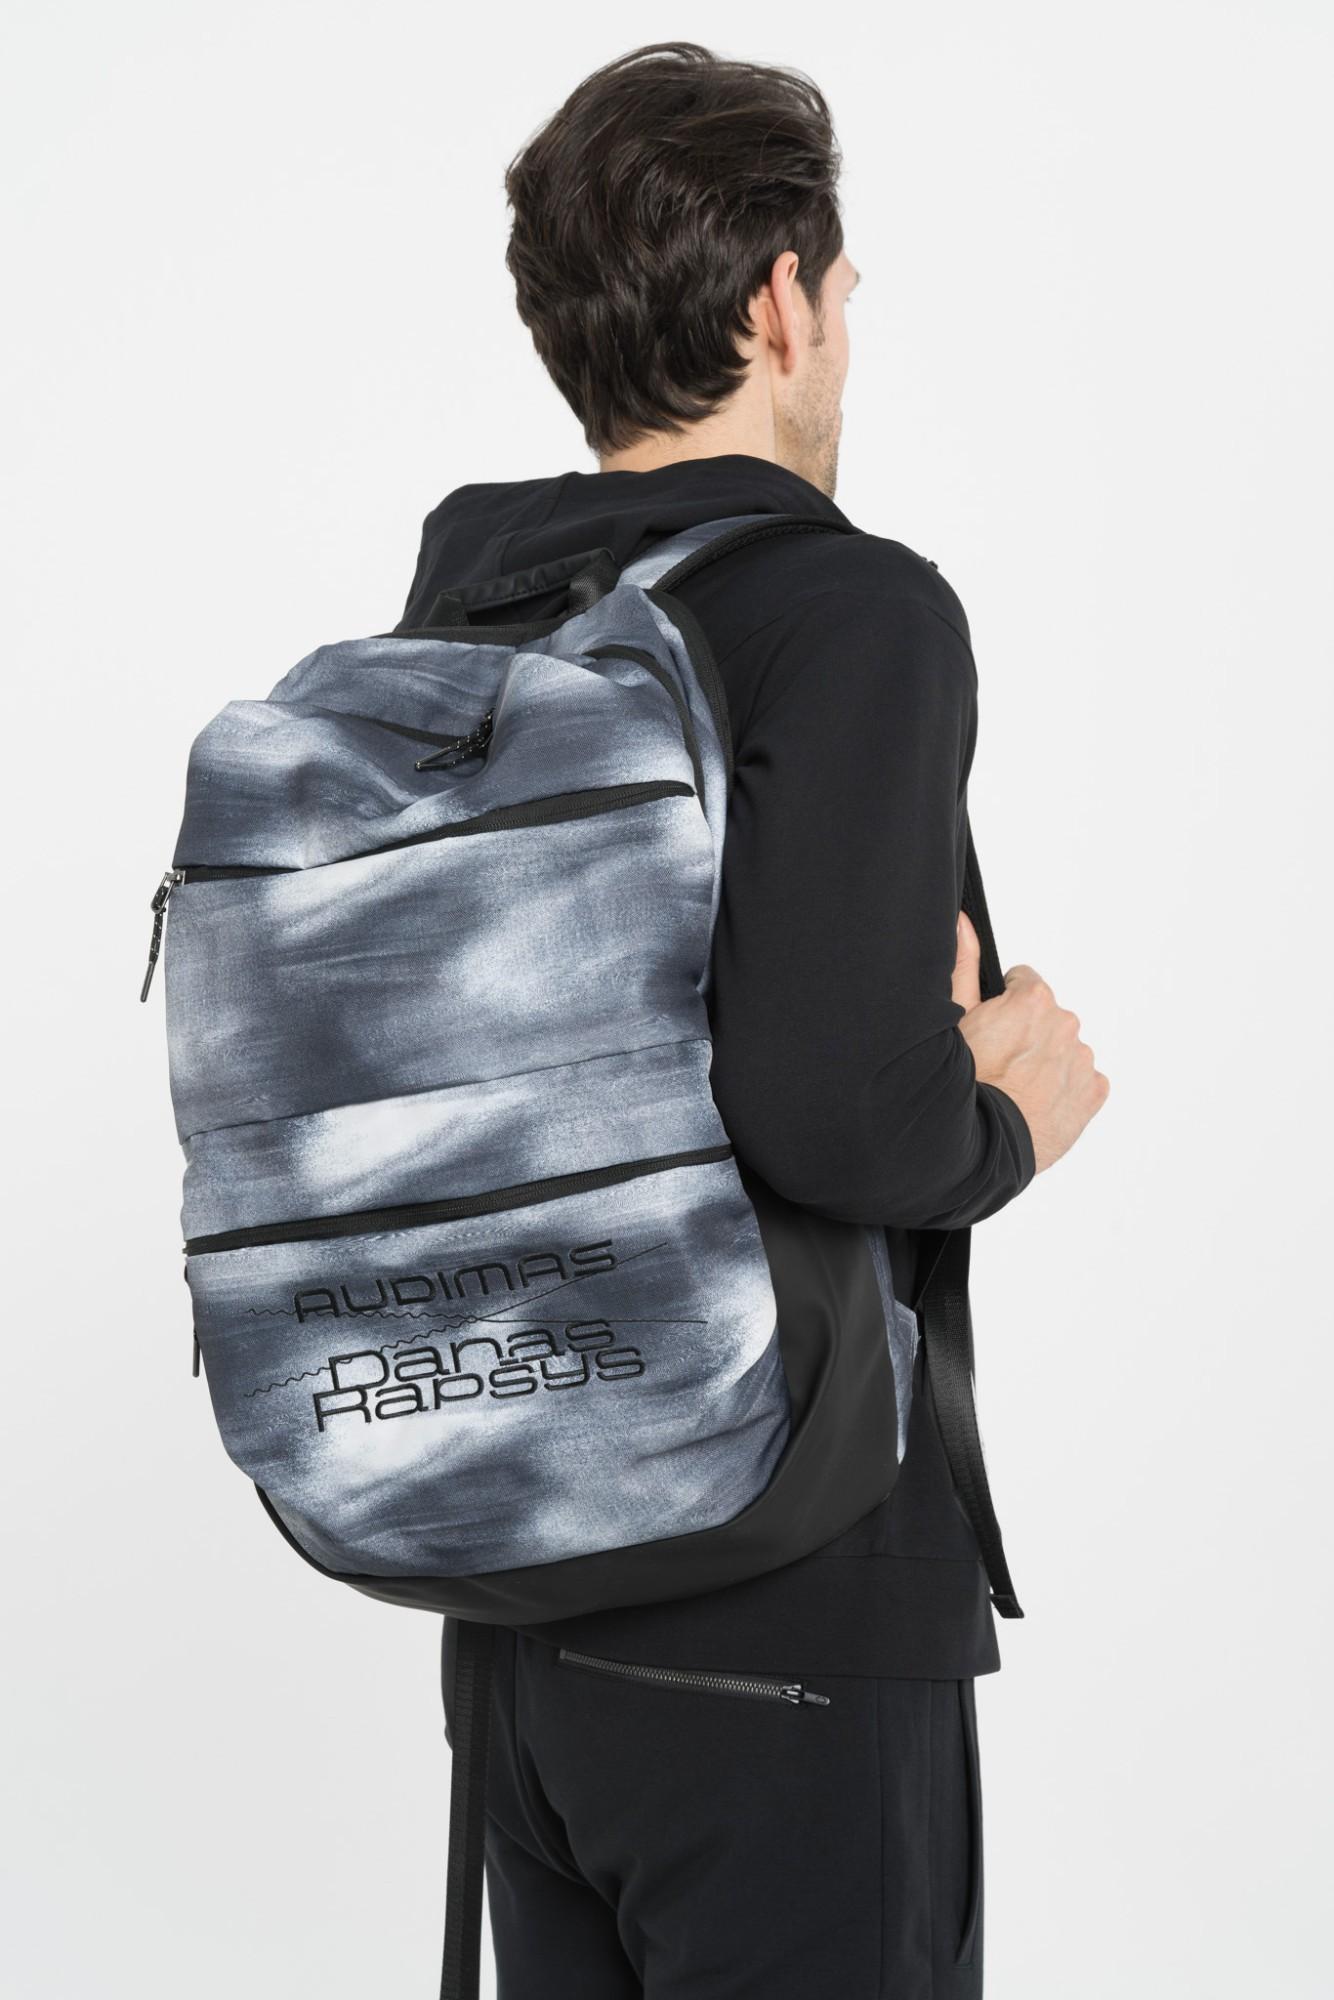 AUDIMAS Didelis sportinis krepšys NOS 1-02-124 Micro Gray One size